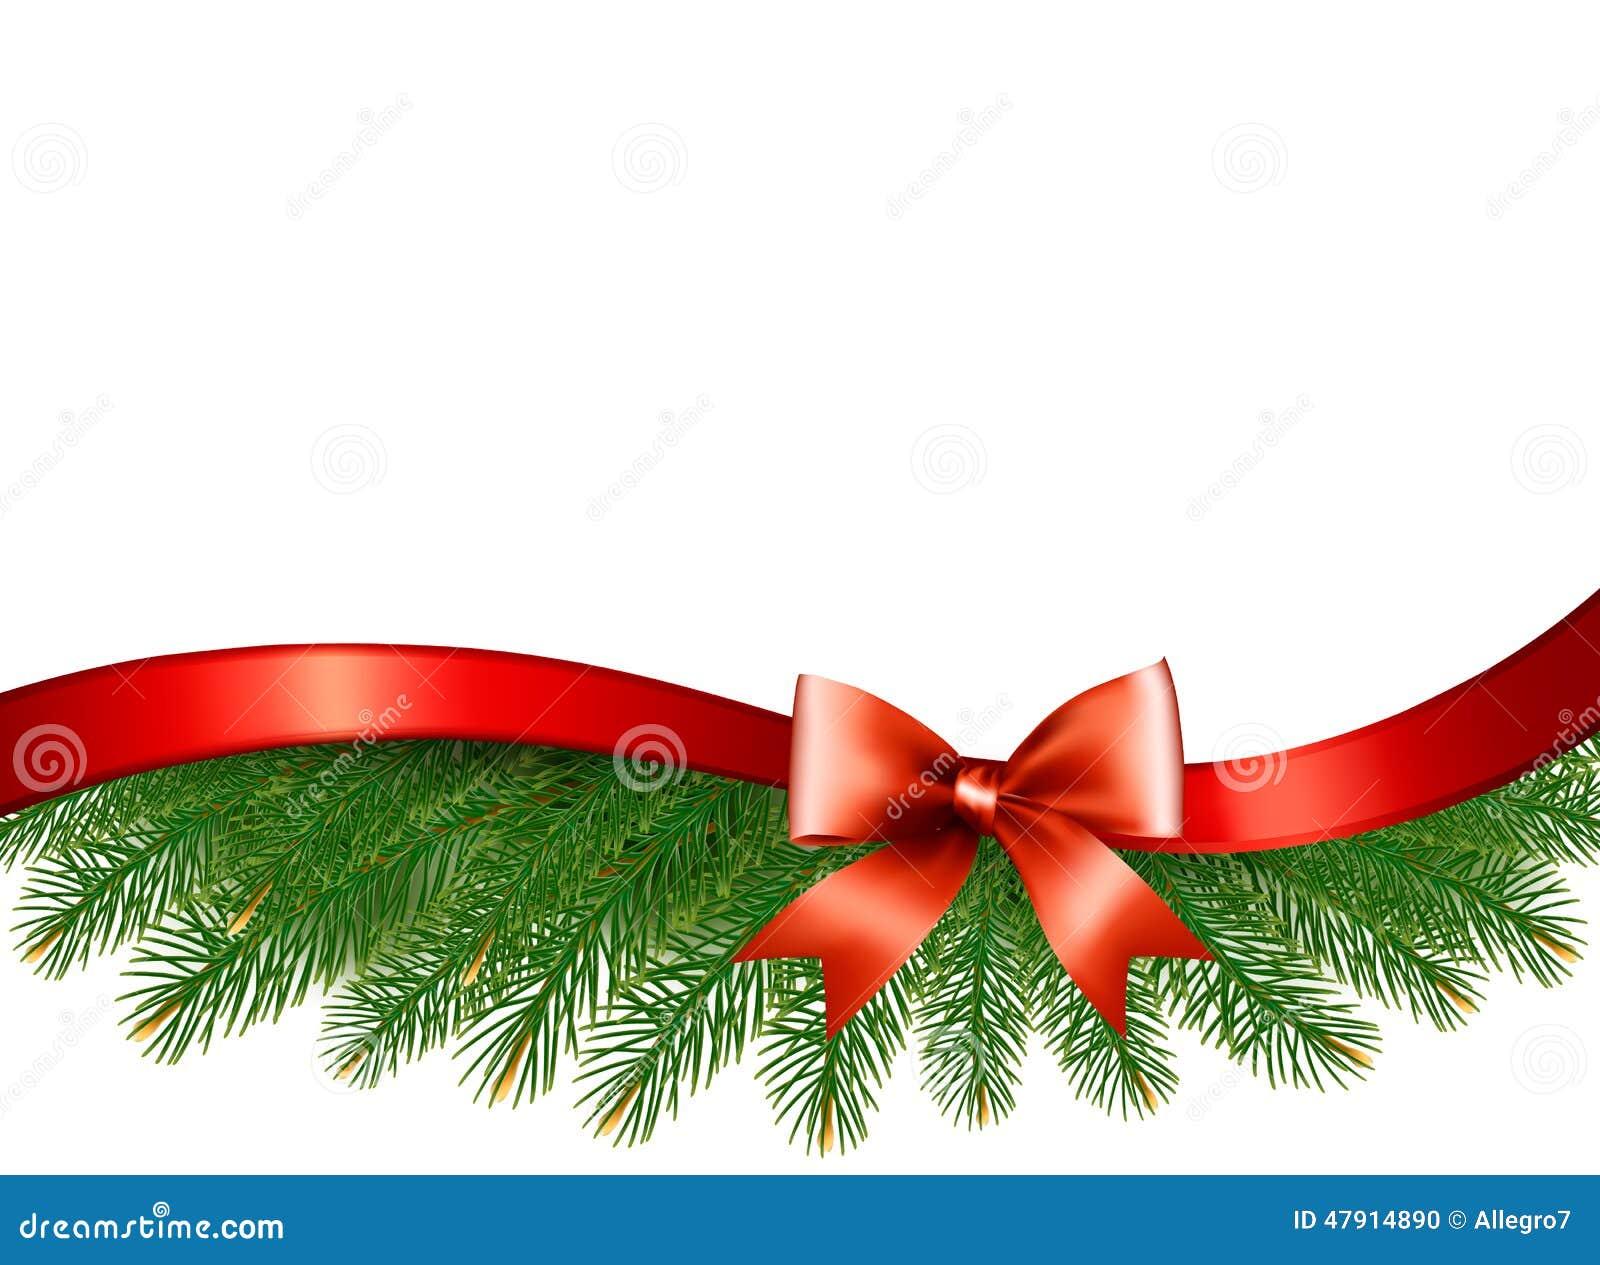 Fondo con ramas de rbol de navidad y una cinta roja for Cintas de navidad